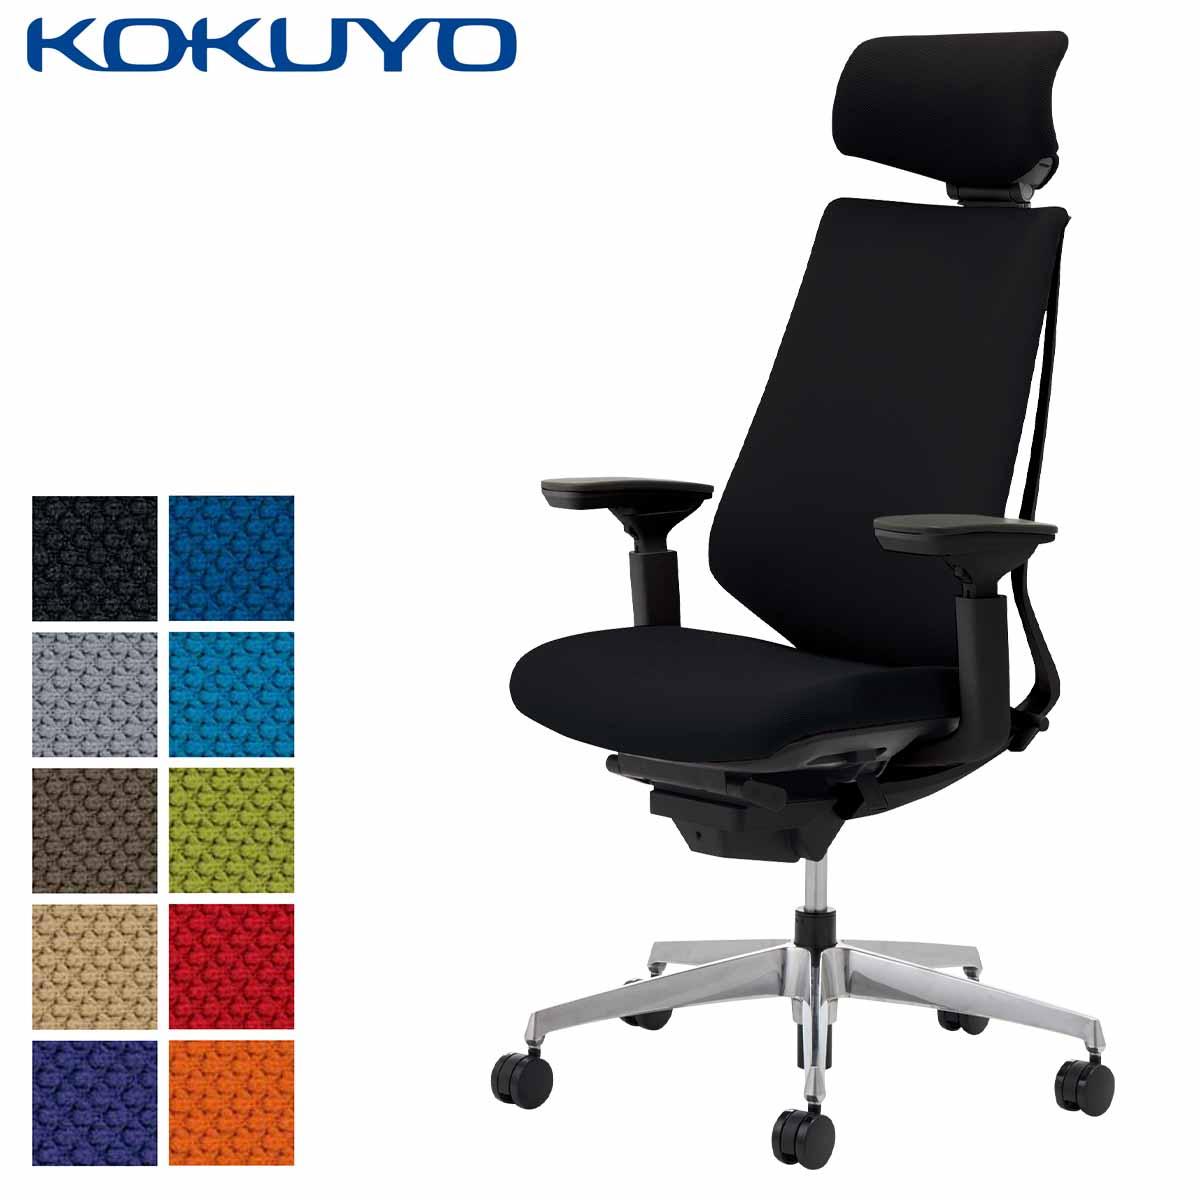 コクヨ デスクチェア オフィスチェア 椅子 duora デュオラ CR-GA3115E6 クッションタイプ ヘッドレスト付き 可動肘 ブラックフレーム アルミポリッシュ脚 -v フローリング用キャスター